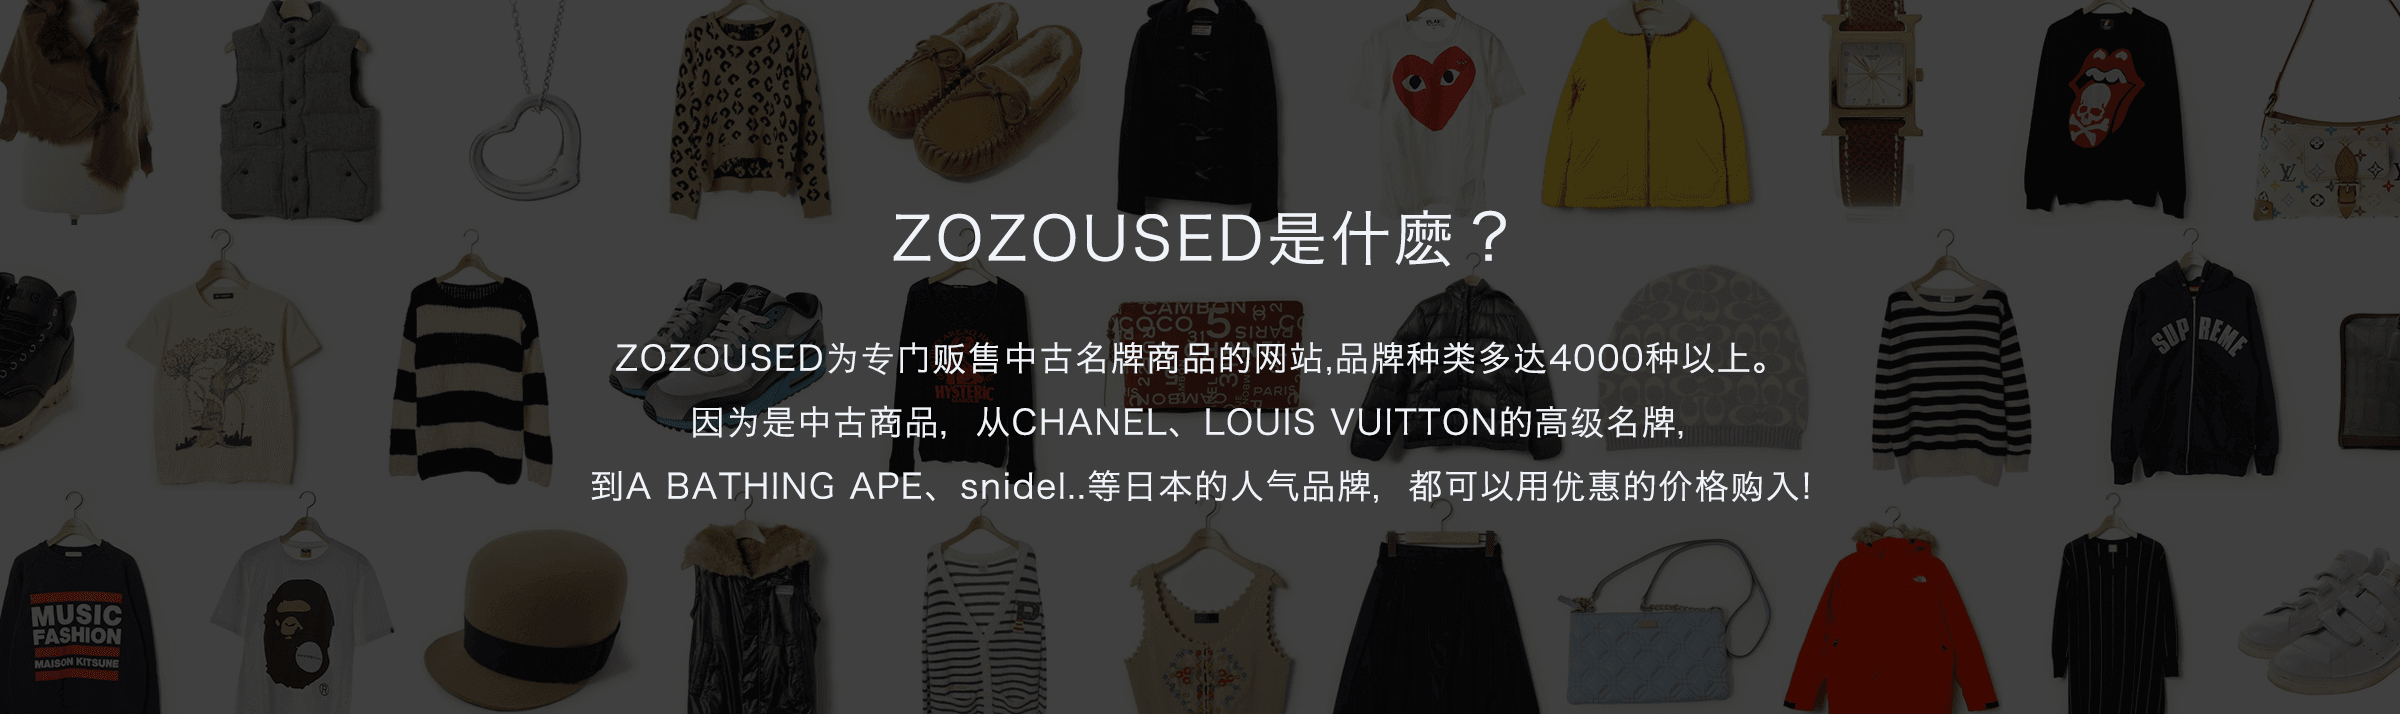 ZOZOUSED为专门贩售中古名牌商品的网站,品牌种类多达4000种以上。因为是中古商品,从CHANEL、LOUIS VUITTON的高级名牌,到A BATHING APE、snidel..等日本的人气品牌,都可以用优惠的价格购入!